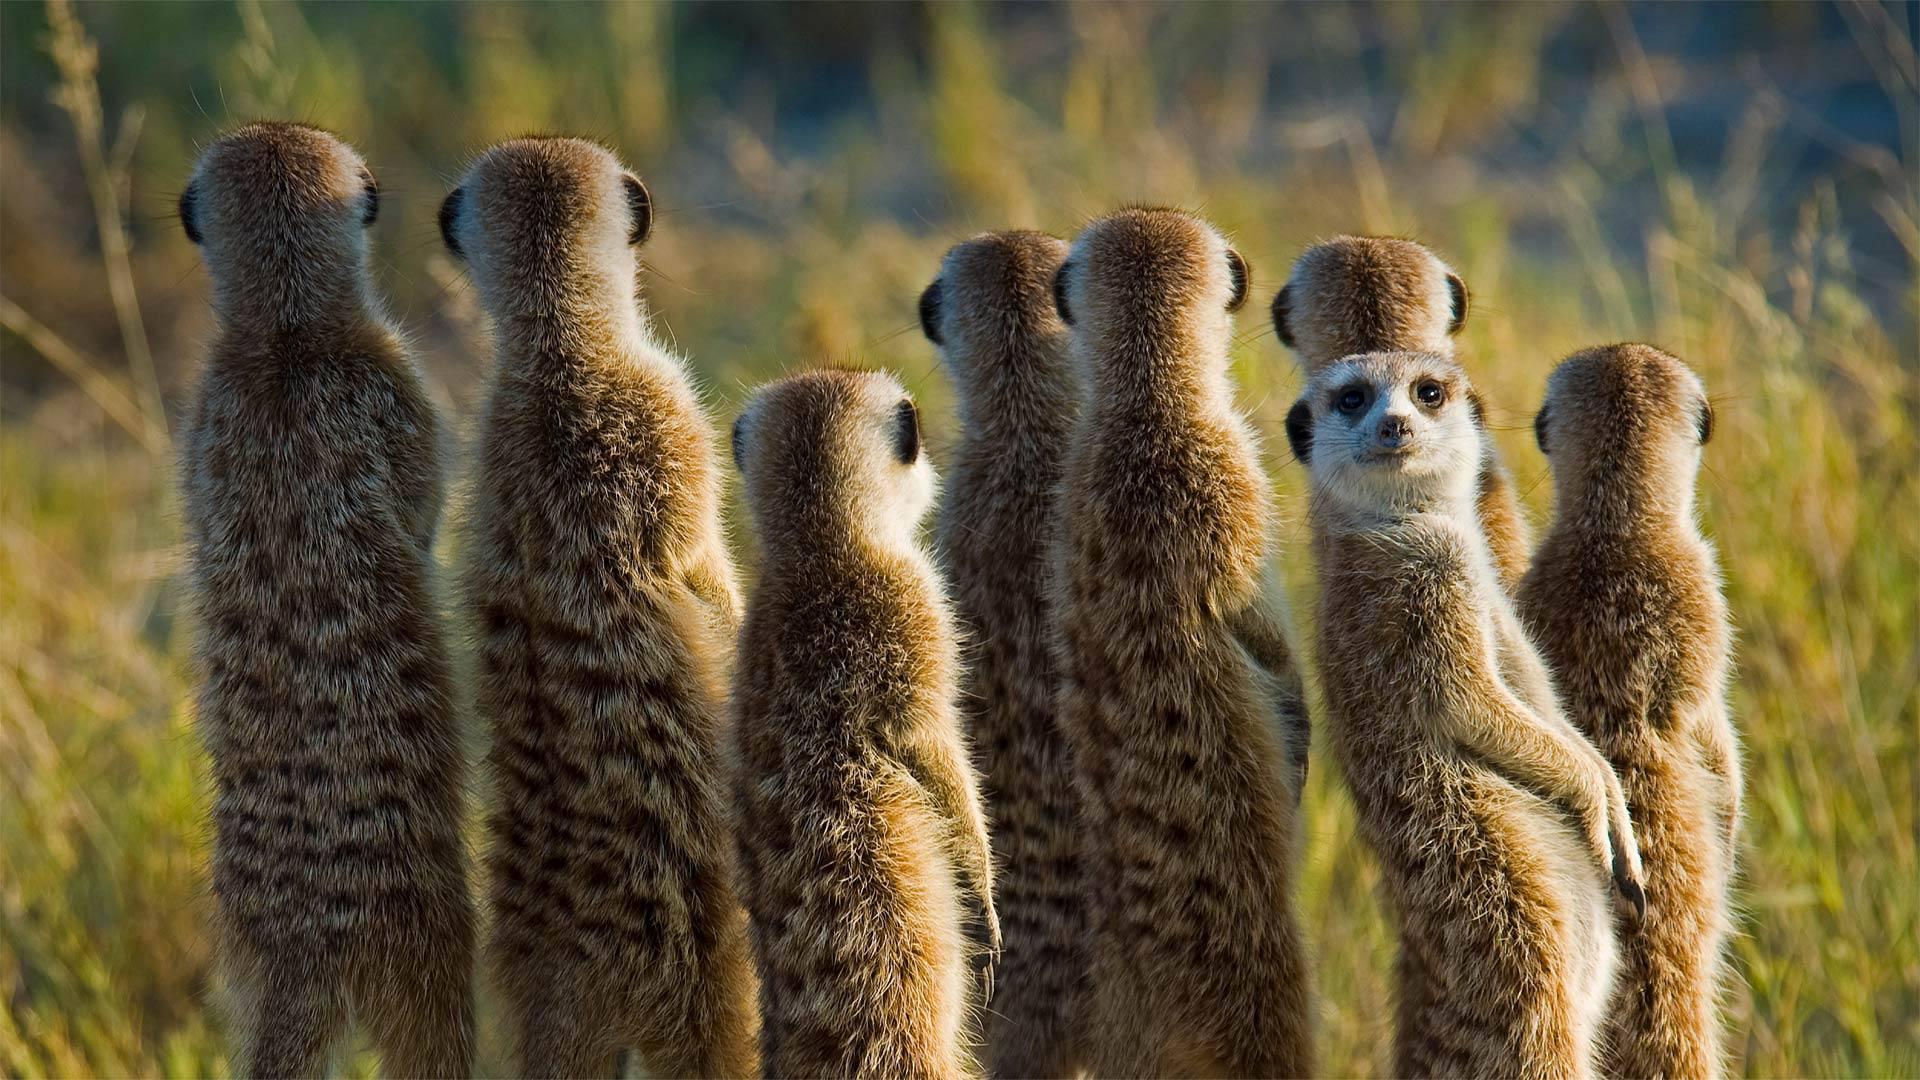 「ミーアキャットの家族」ボツワナ, カラハリ砂漠 (© Aluma Images/Getty Images)